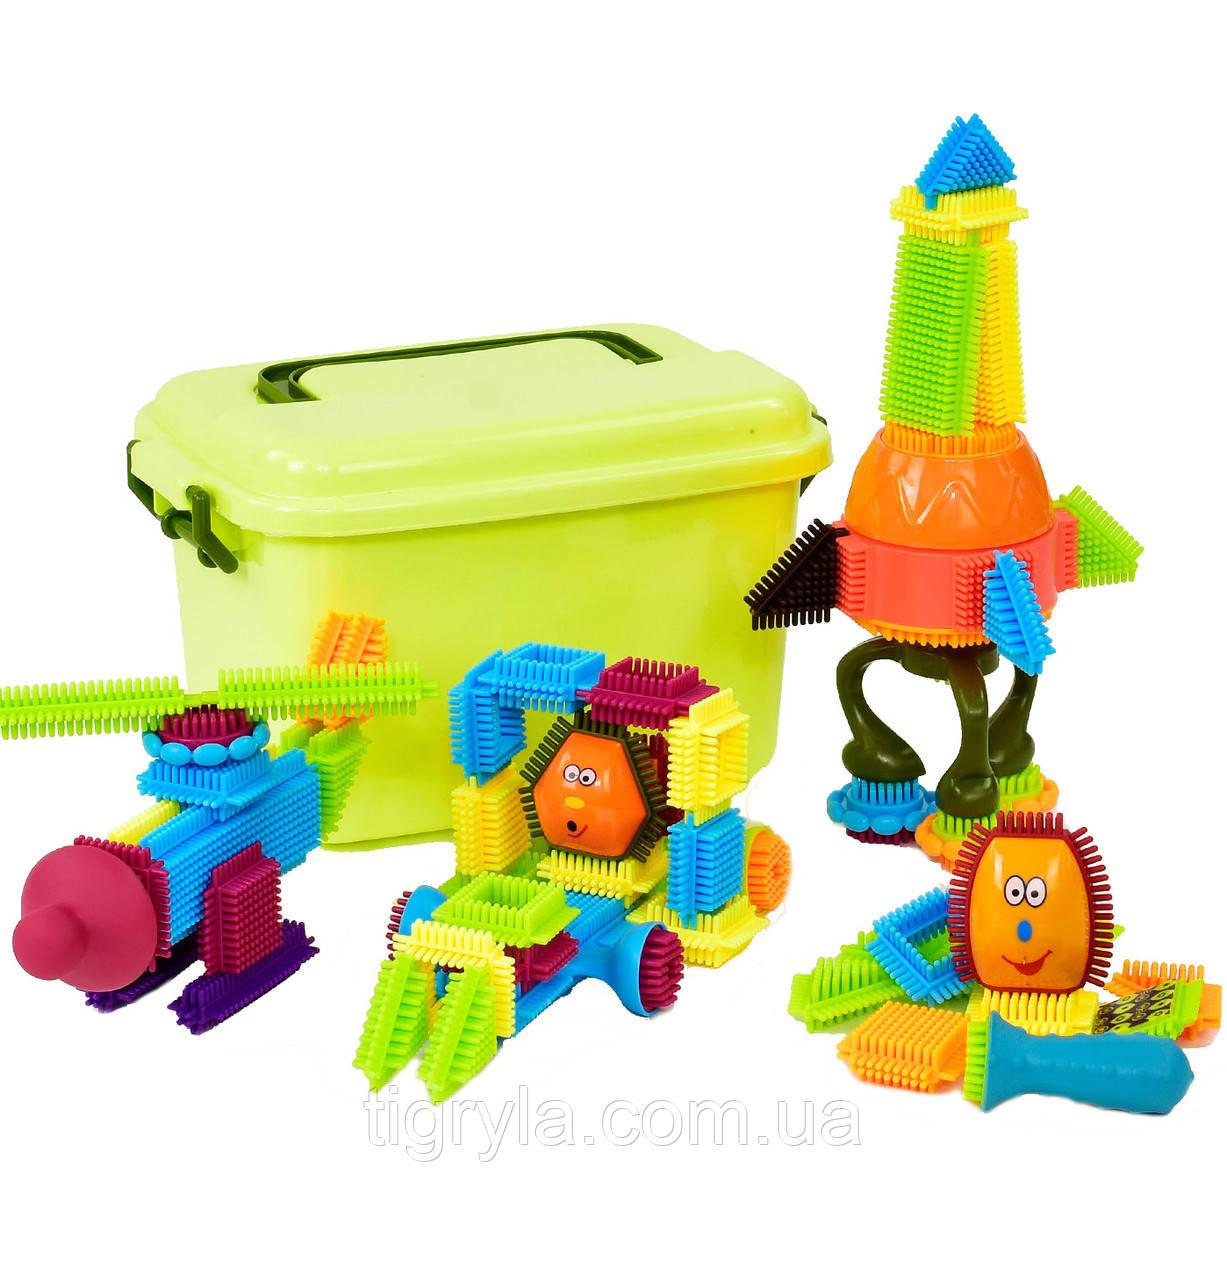 """Конструктор игольчатый в чемодане  """"Маленький Розумник"""" аналог Bristle Blocks, 60 деталей"""